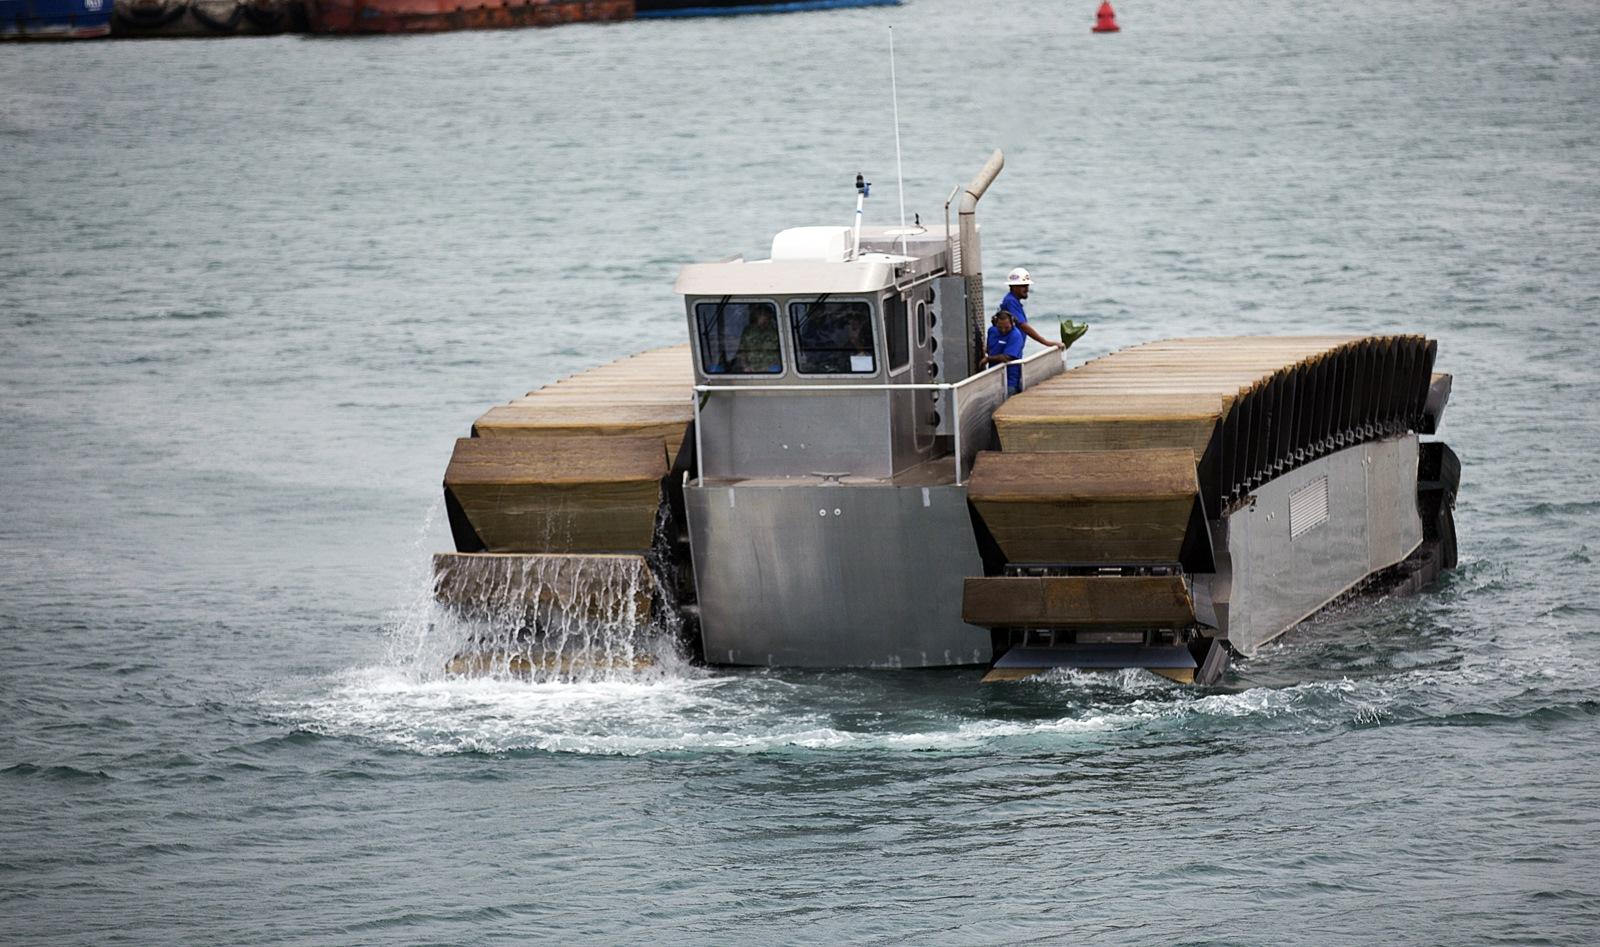 미 해병대용 초중량 수송용 상륙정 실증형 테스트 시작